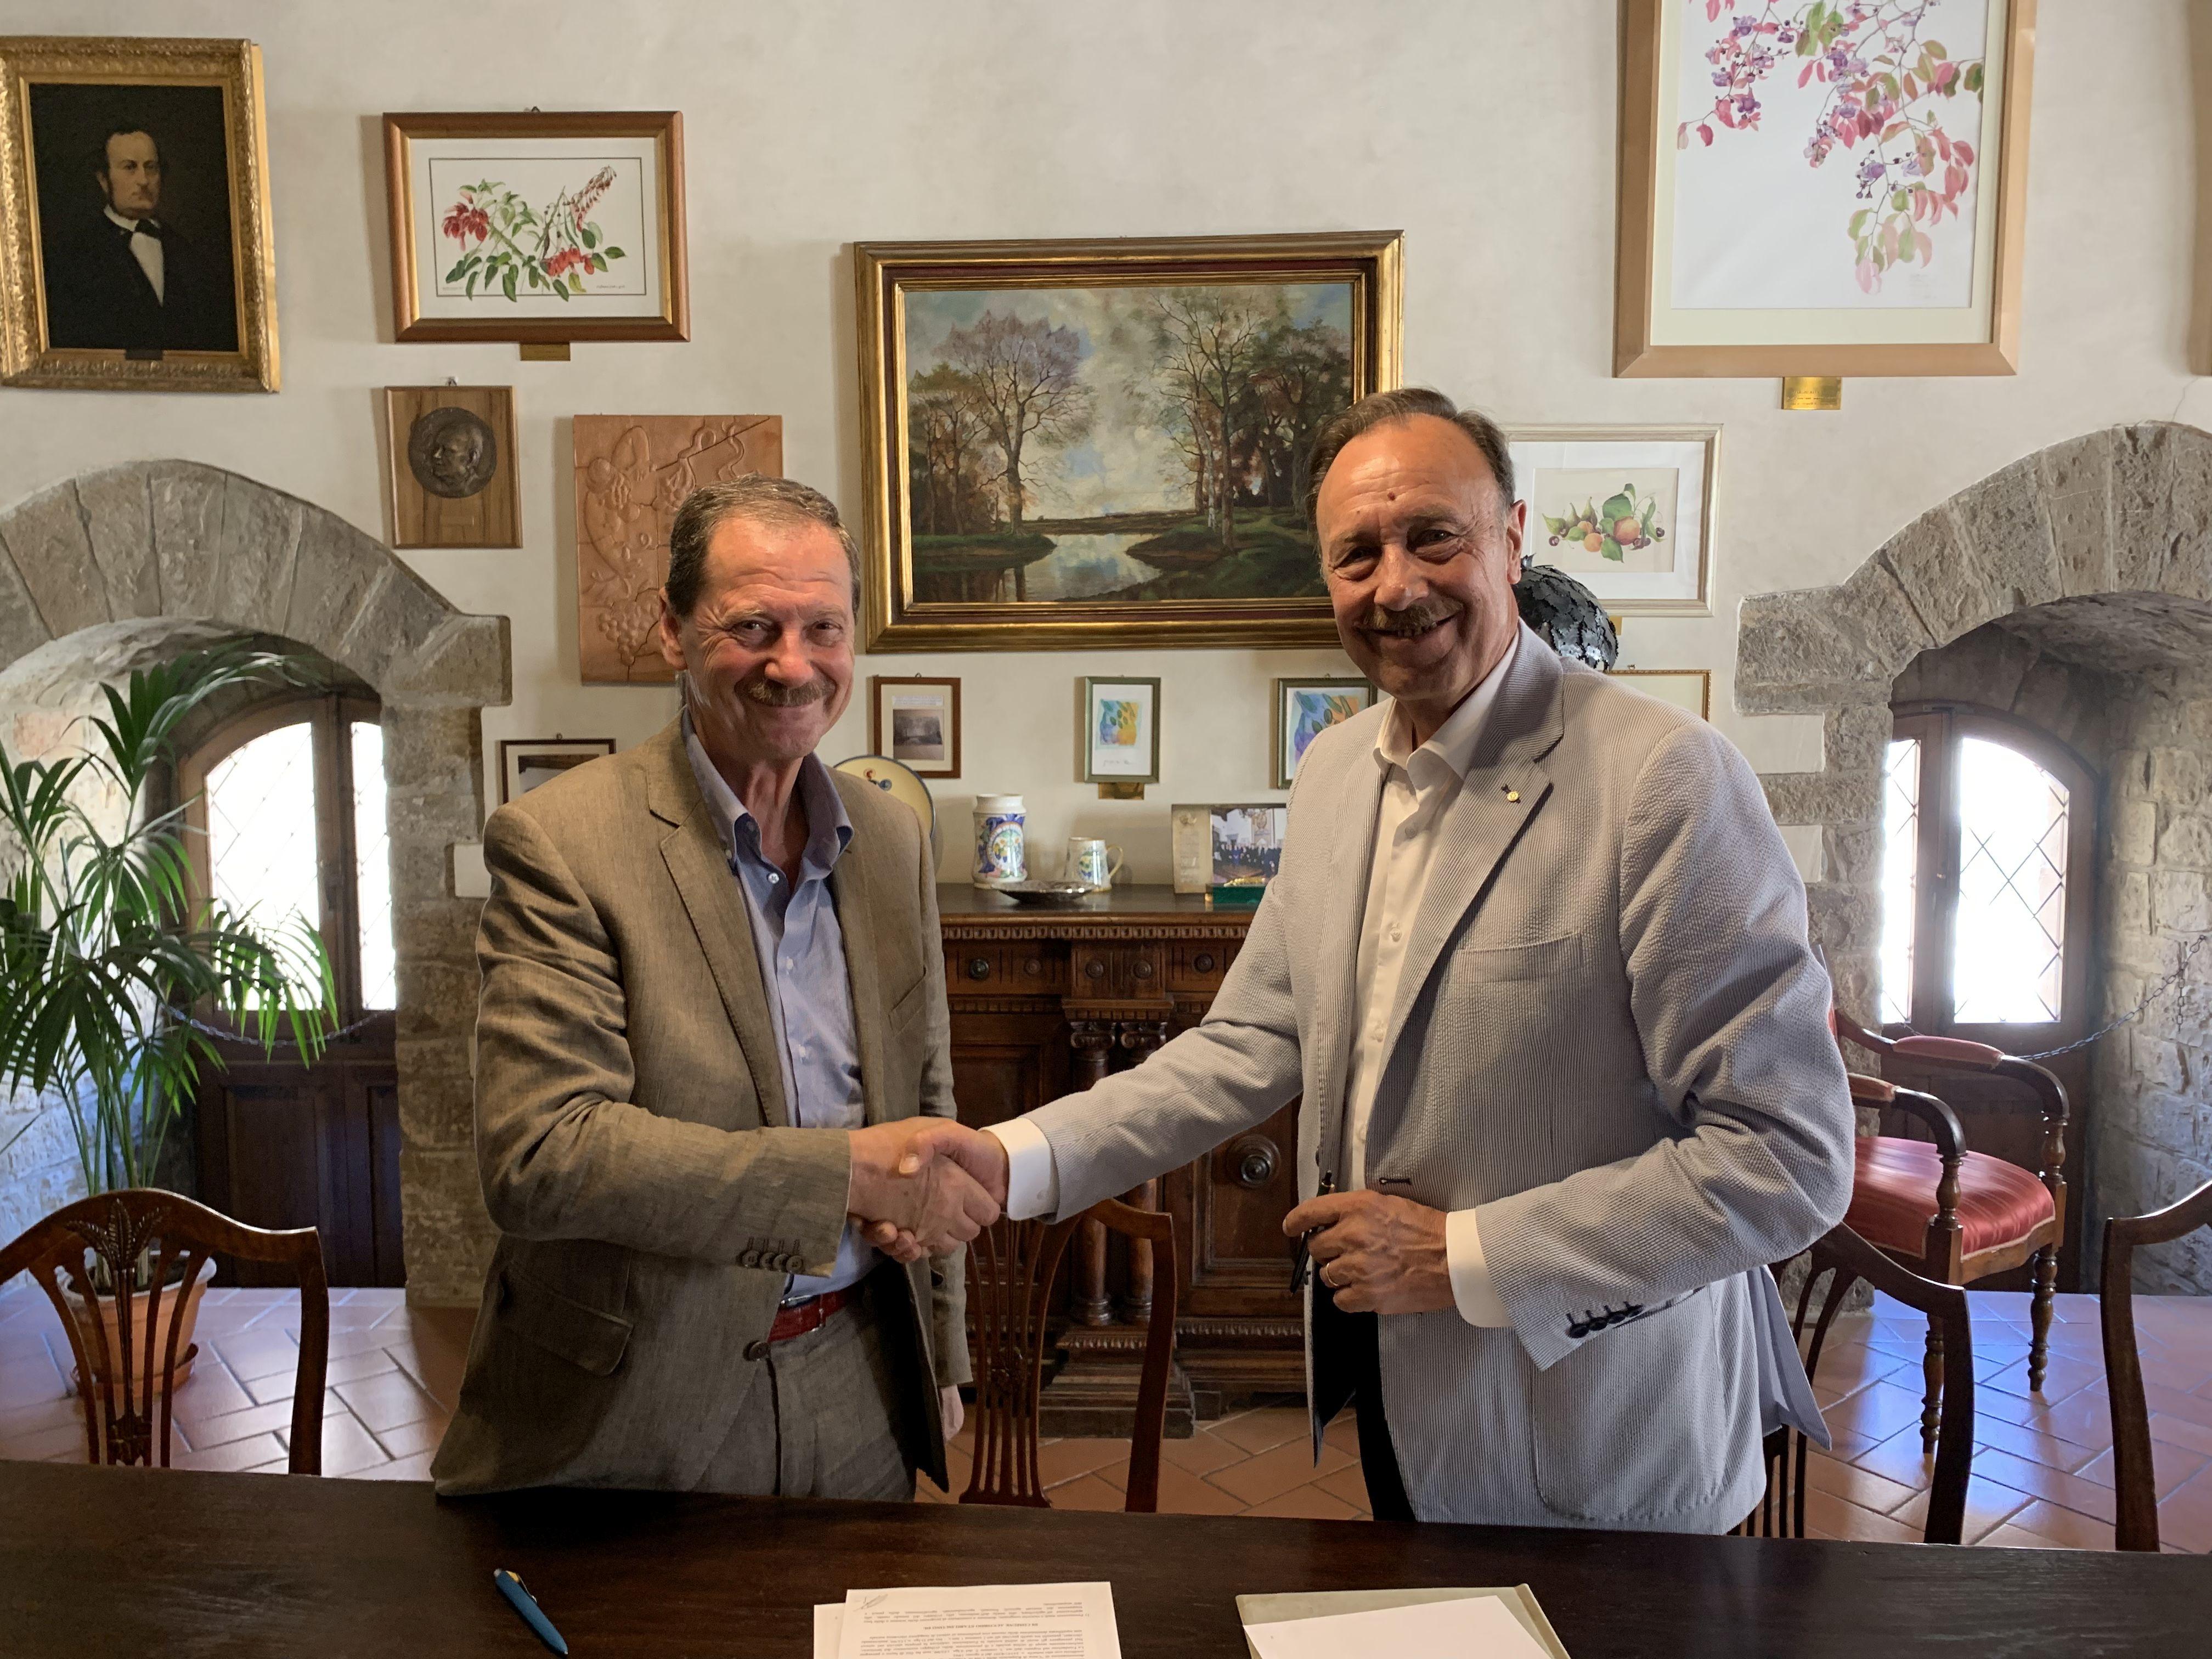 Il Presidente dell'Accademia dei Georgofili Massimo Vincenzini e il Presidente della Fondazione Cassa di Risparmio di Volterra Roberto Pepi